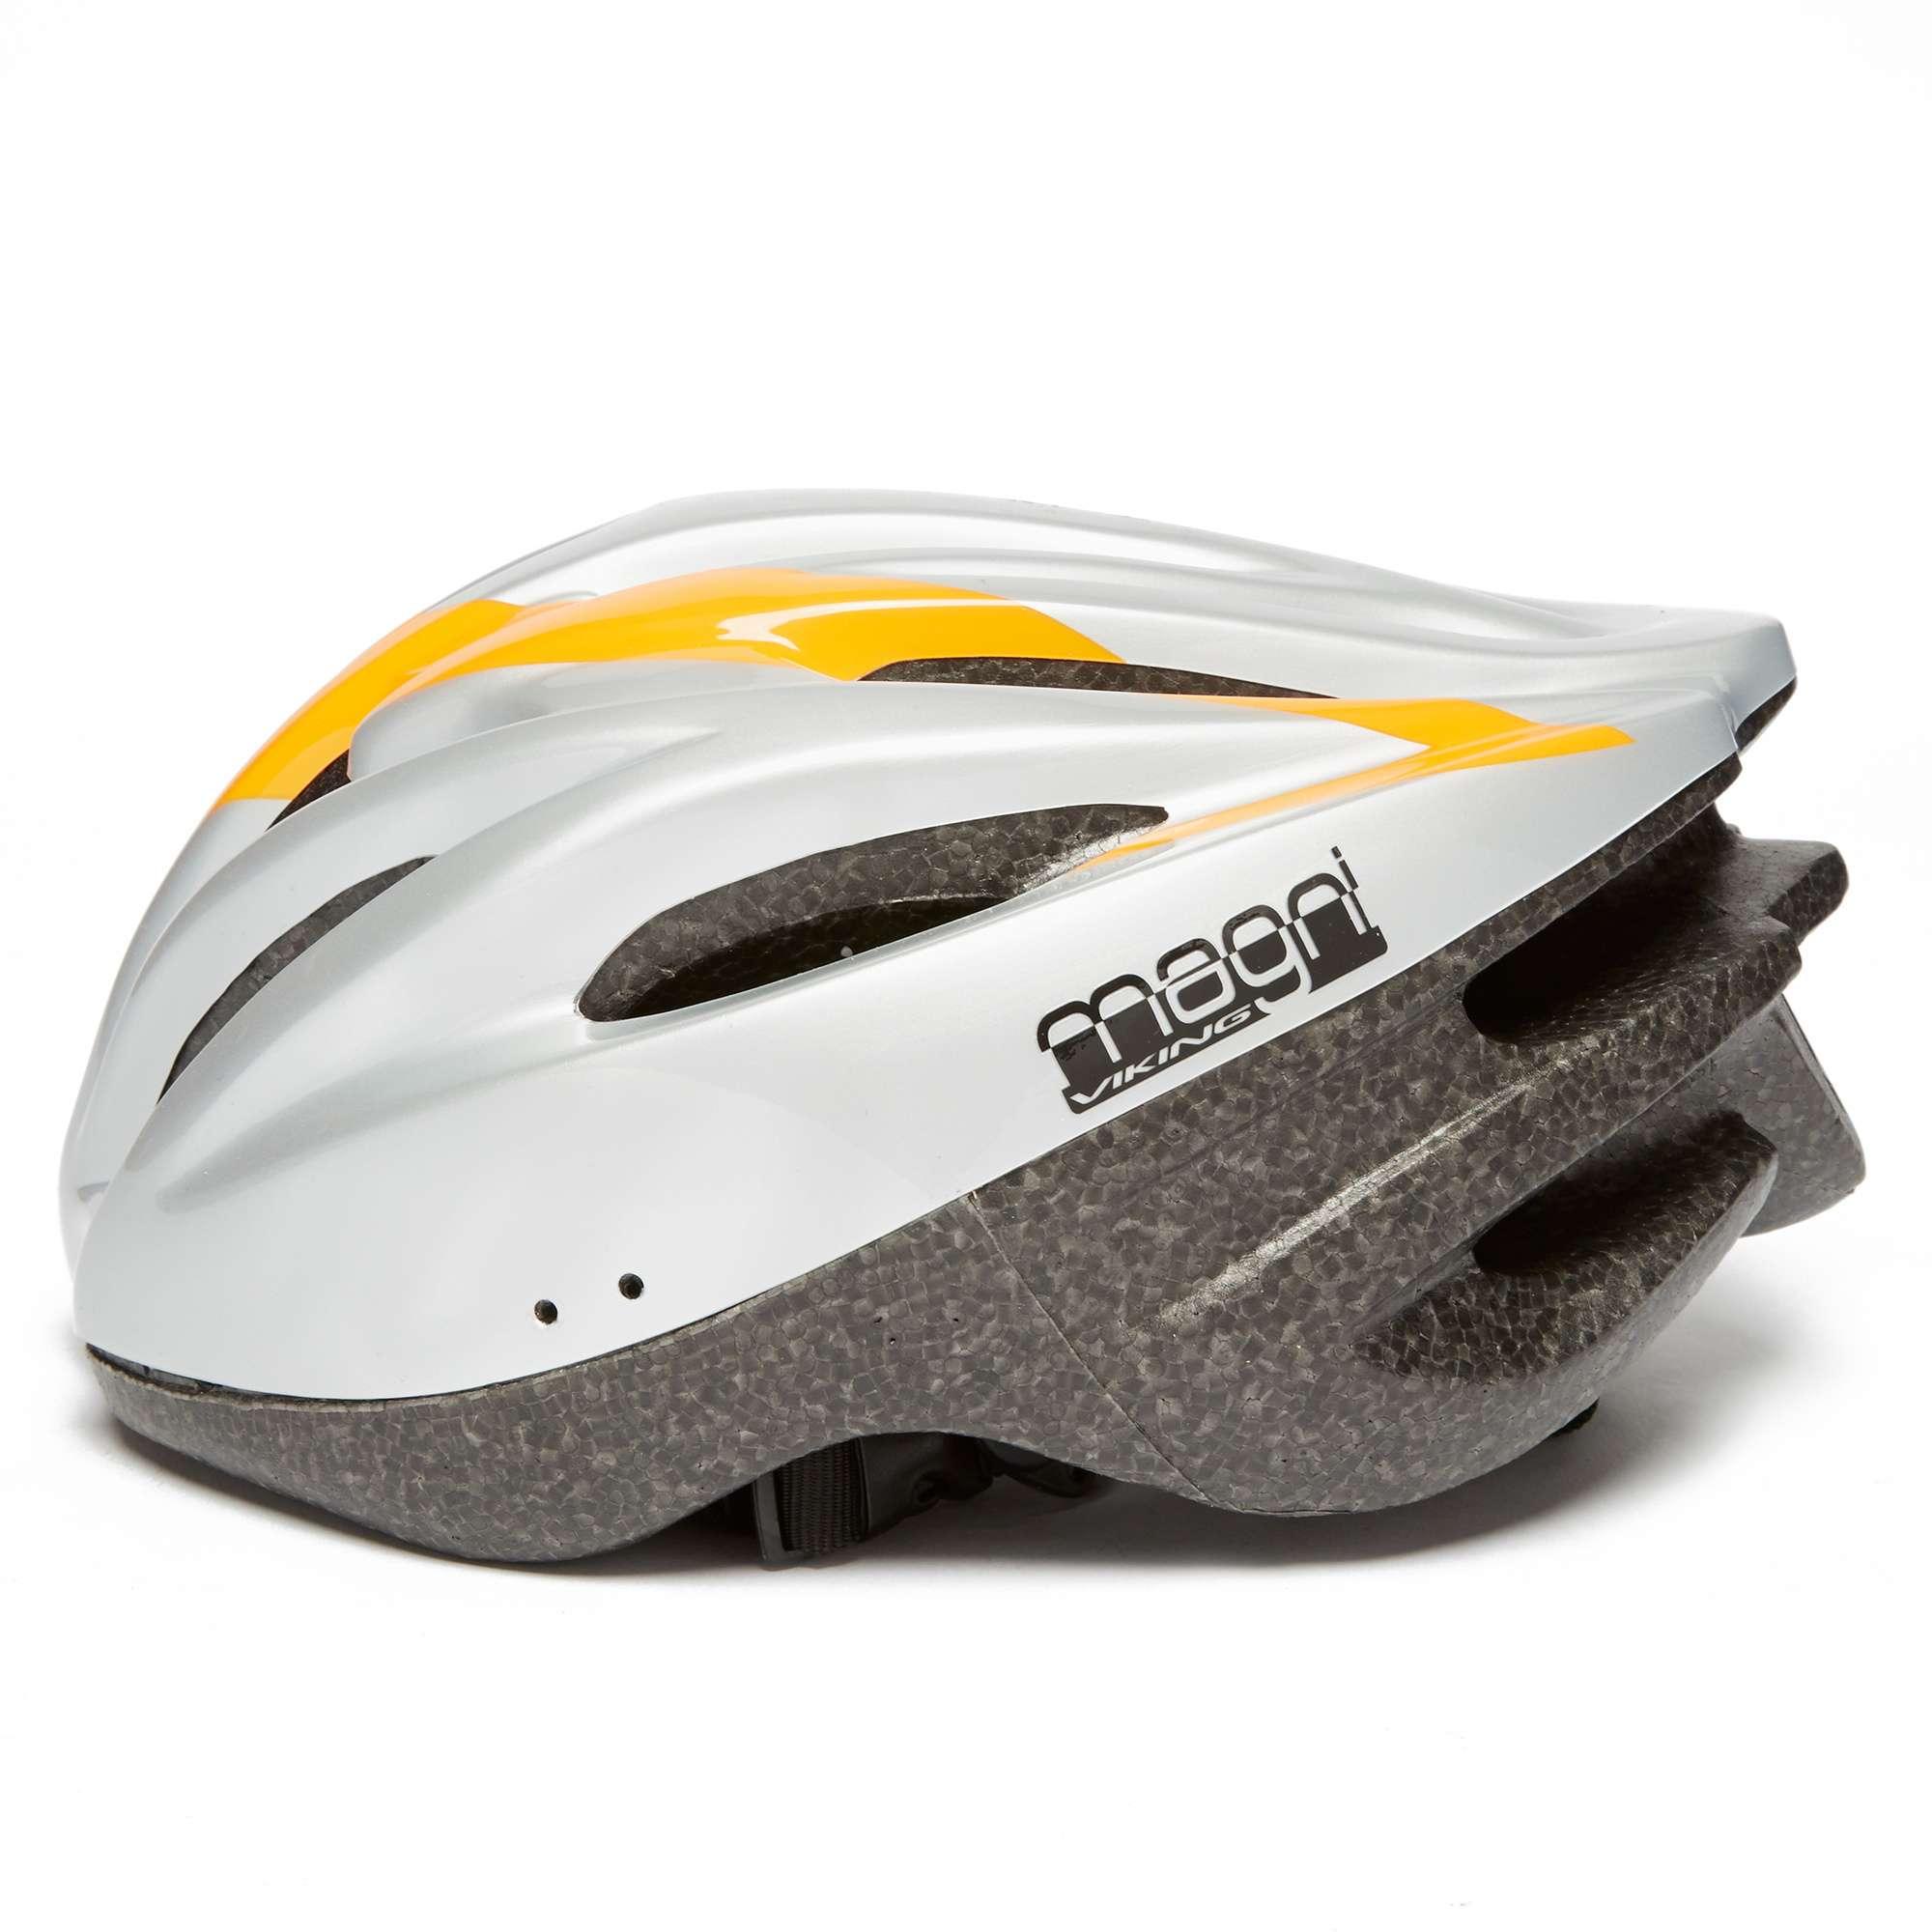 VIKING Magni Helmet